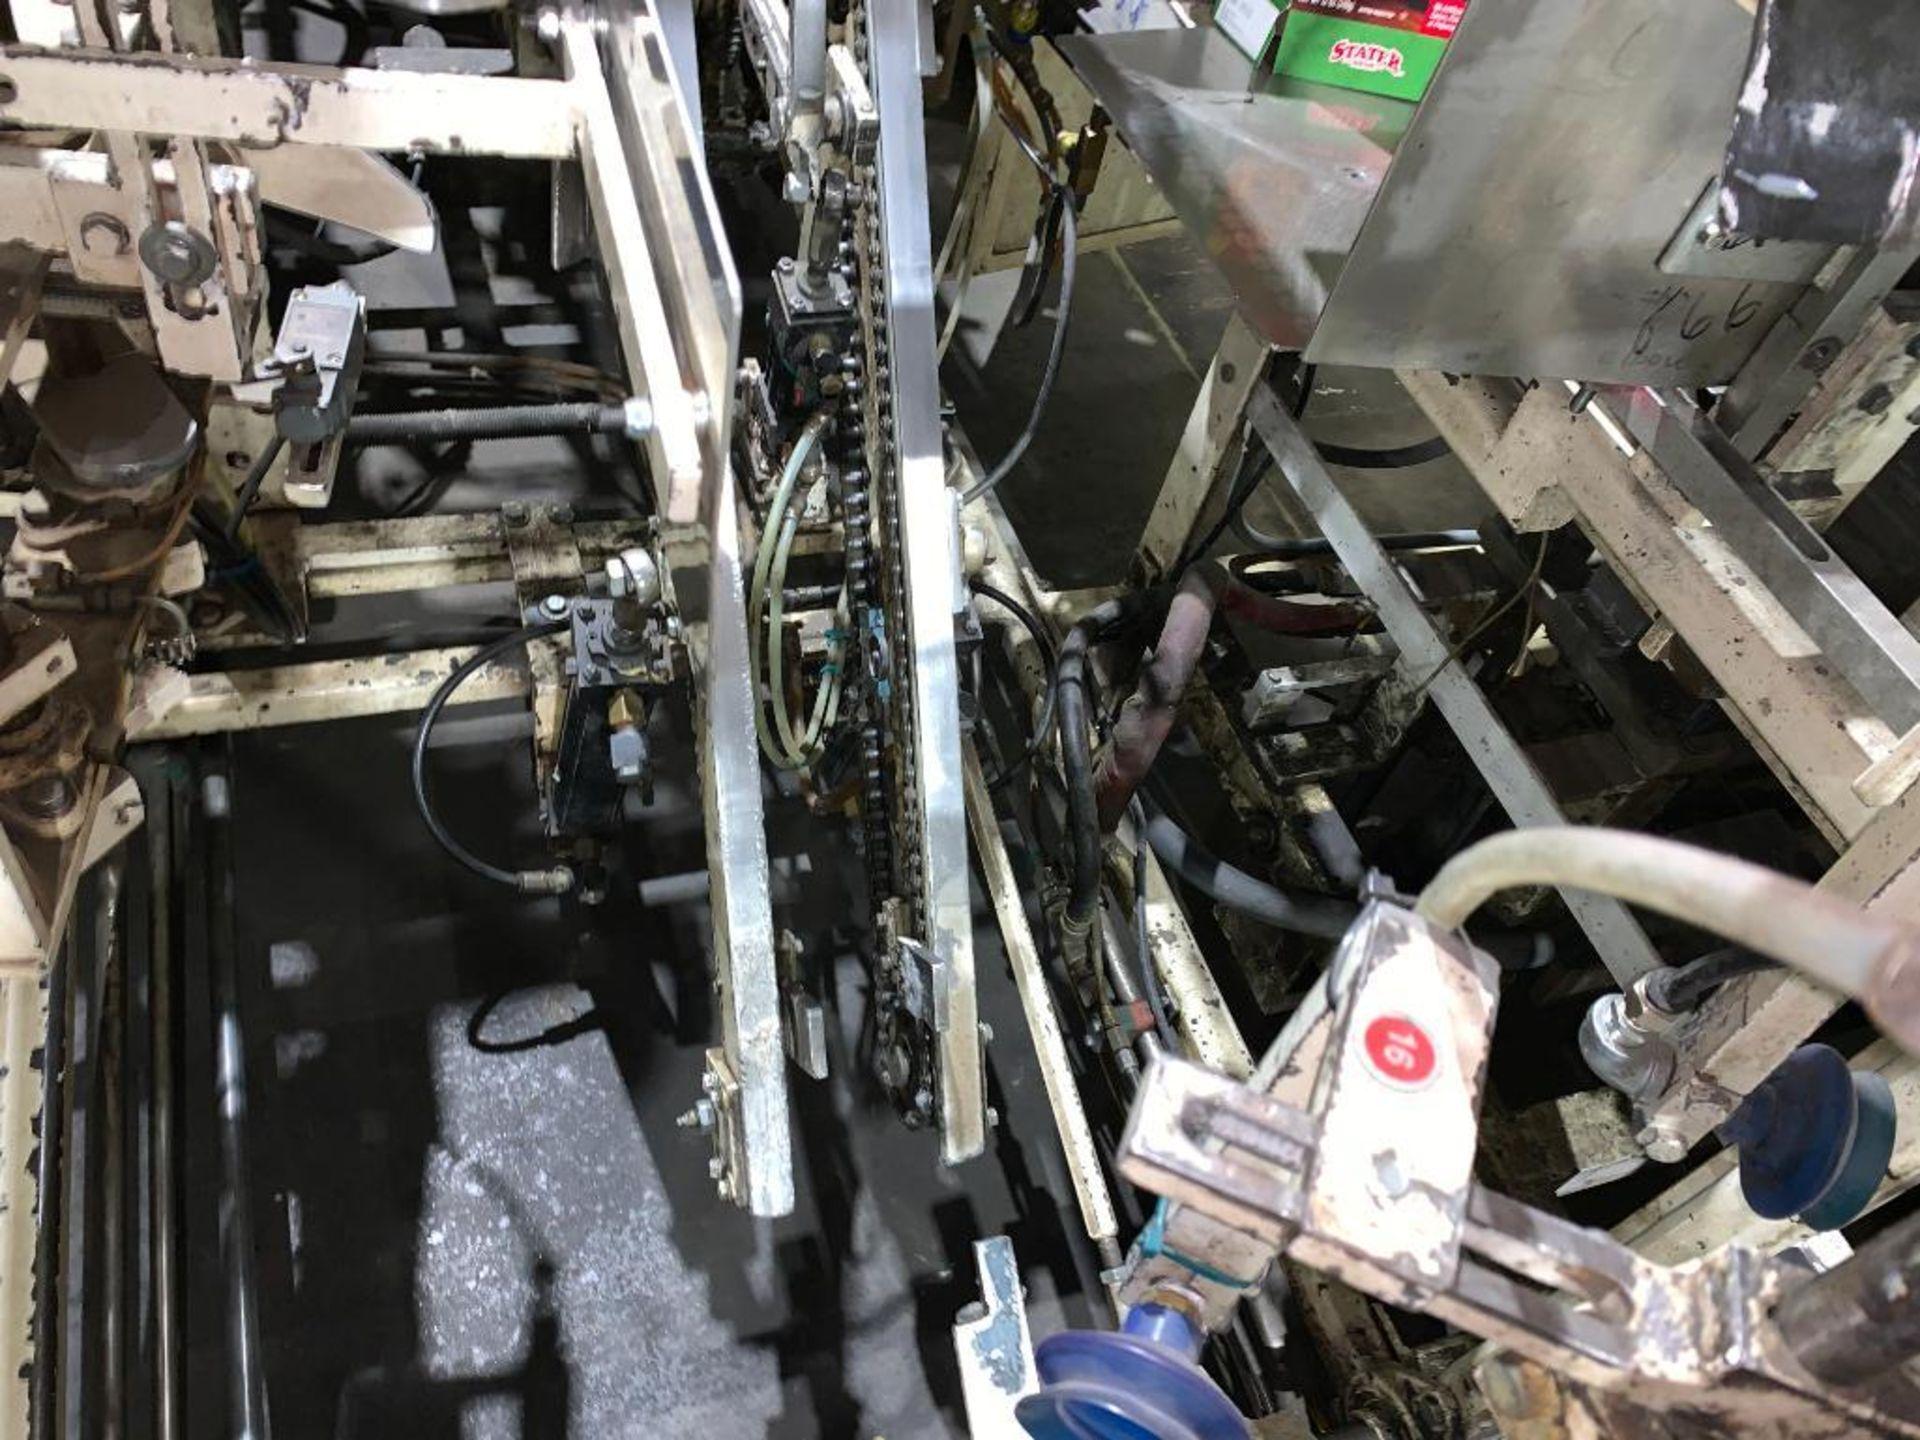 Salwasser case erector and case packer, model L41 - Image 14 of 45